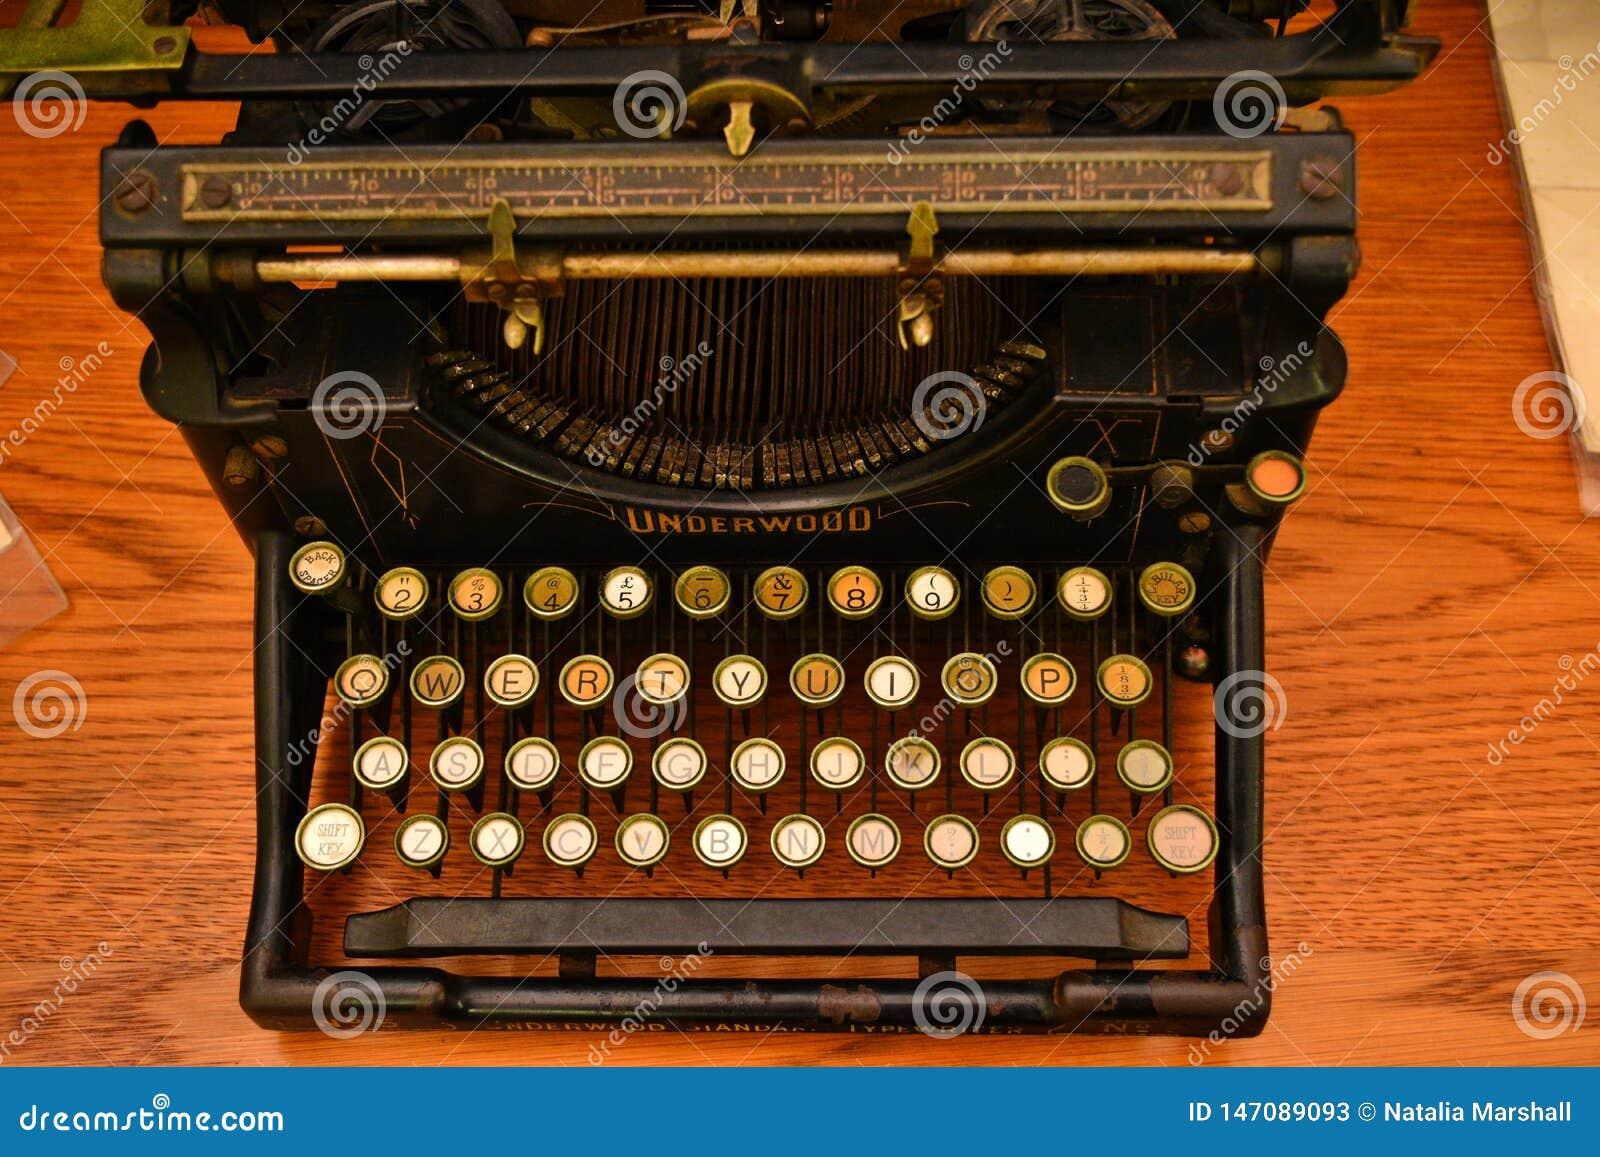 Sottobosco antico della macchina da scrivere in buone condizioni Il sottobosco ha prodotto che cosa ? considerato in primo luogo